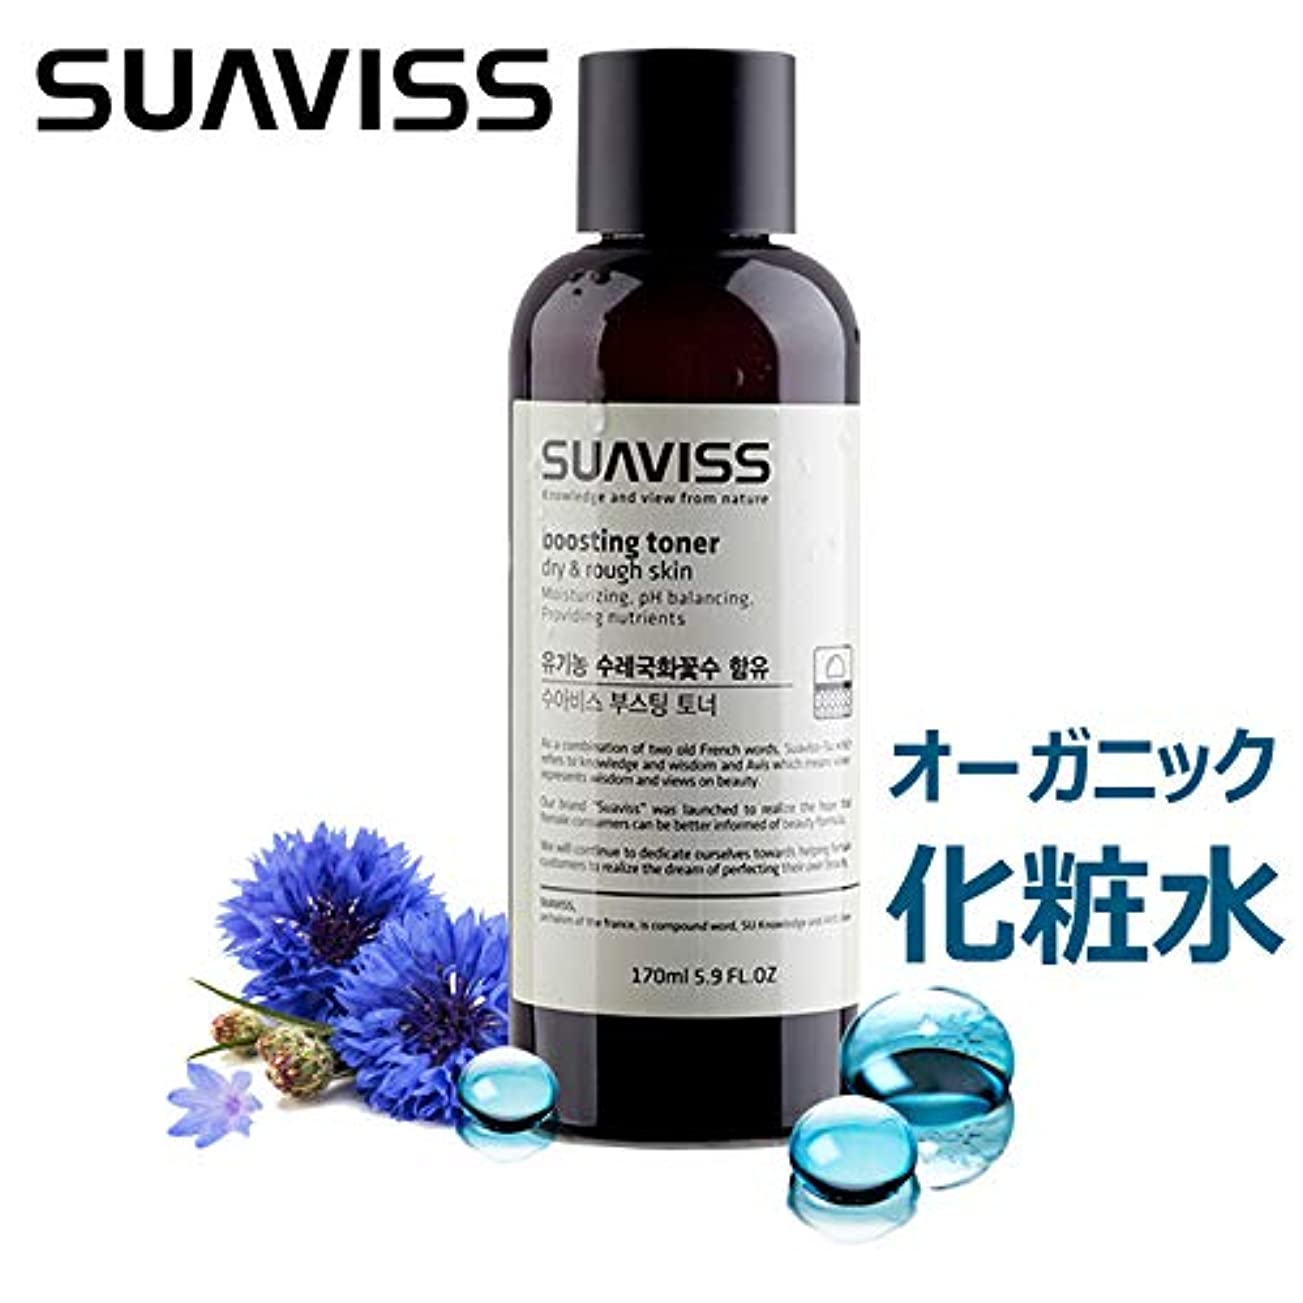 見ました見捨てられた別々にスアビス/ブースティング/化粧水 水分 供給 栄養 供給 オーガニック 化粧品 韓国コスメ 乾燥肌用